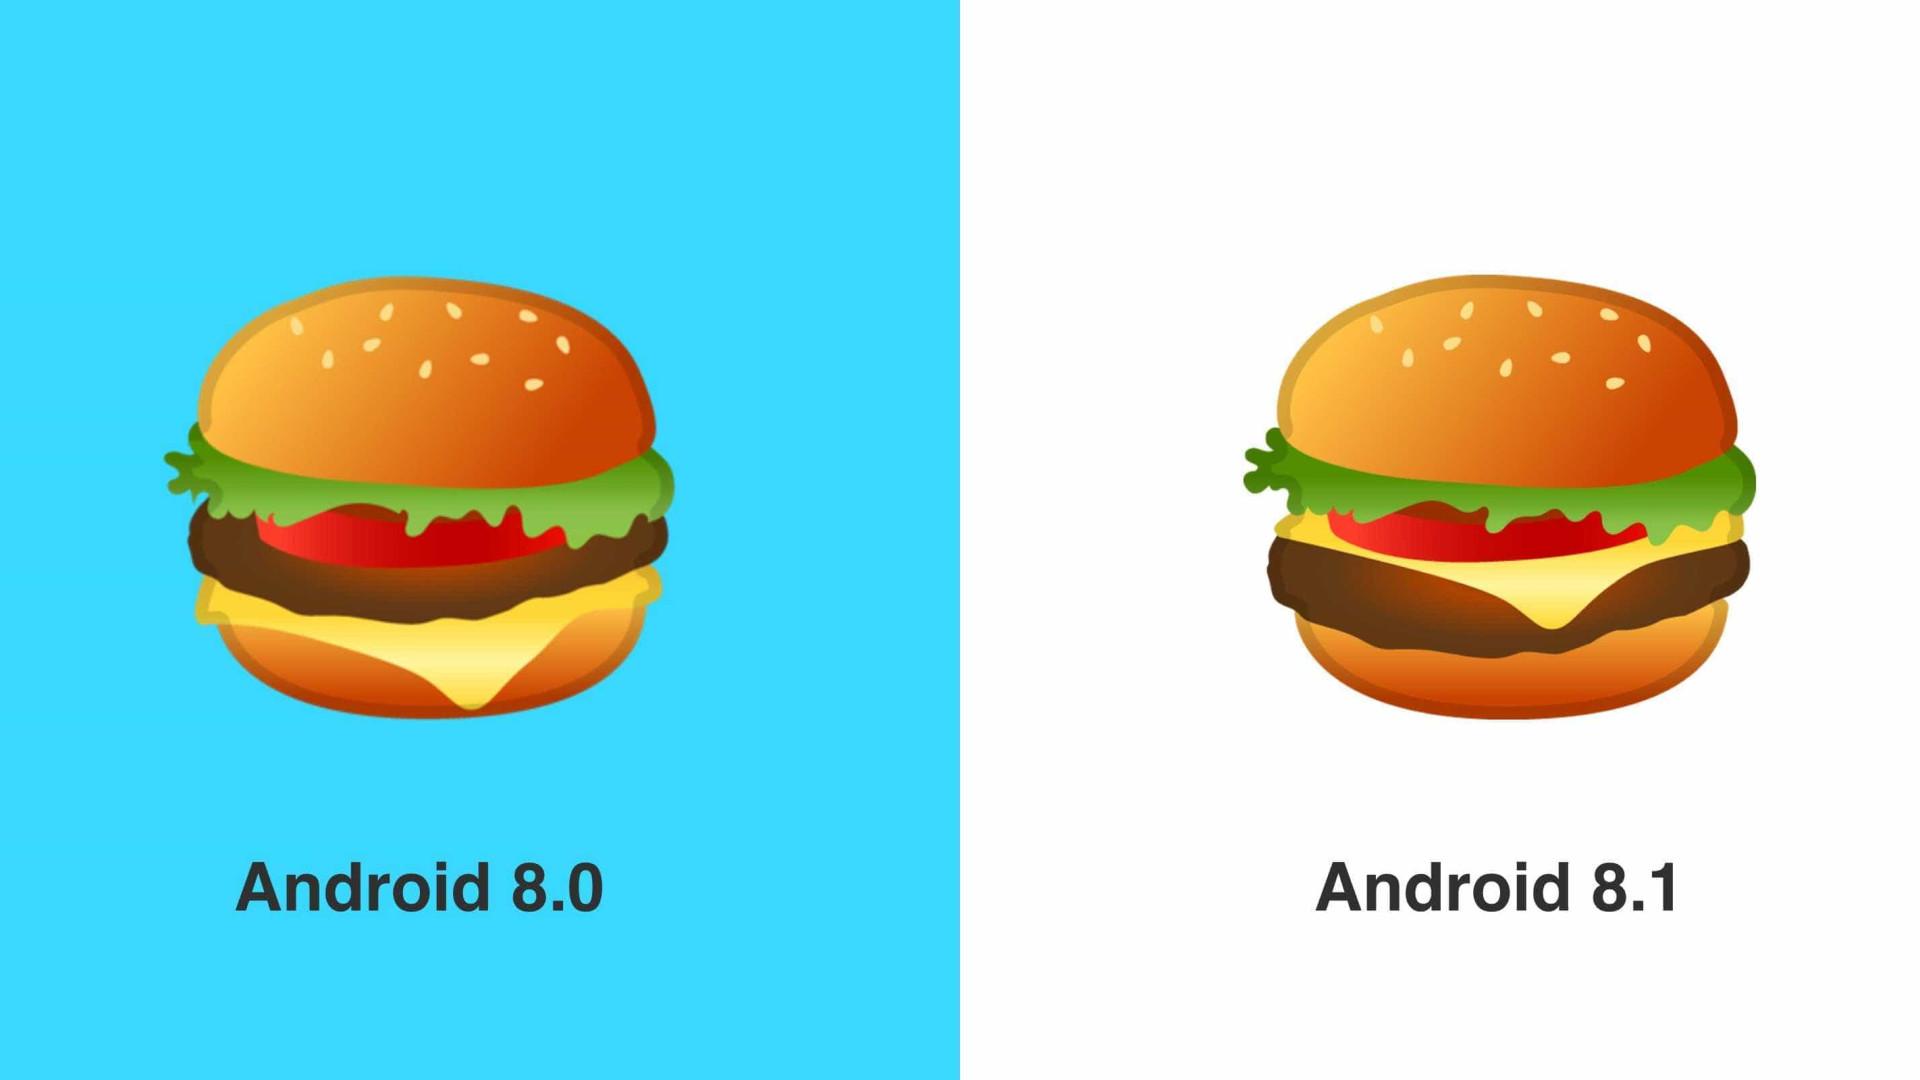 Emoji 'polêmico' de hambúrguer é corrigido em atualização do Android